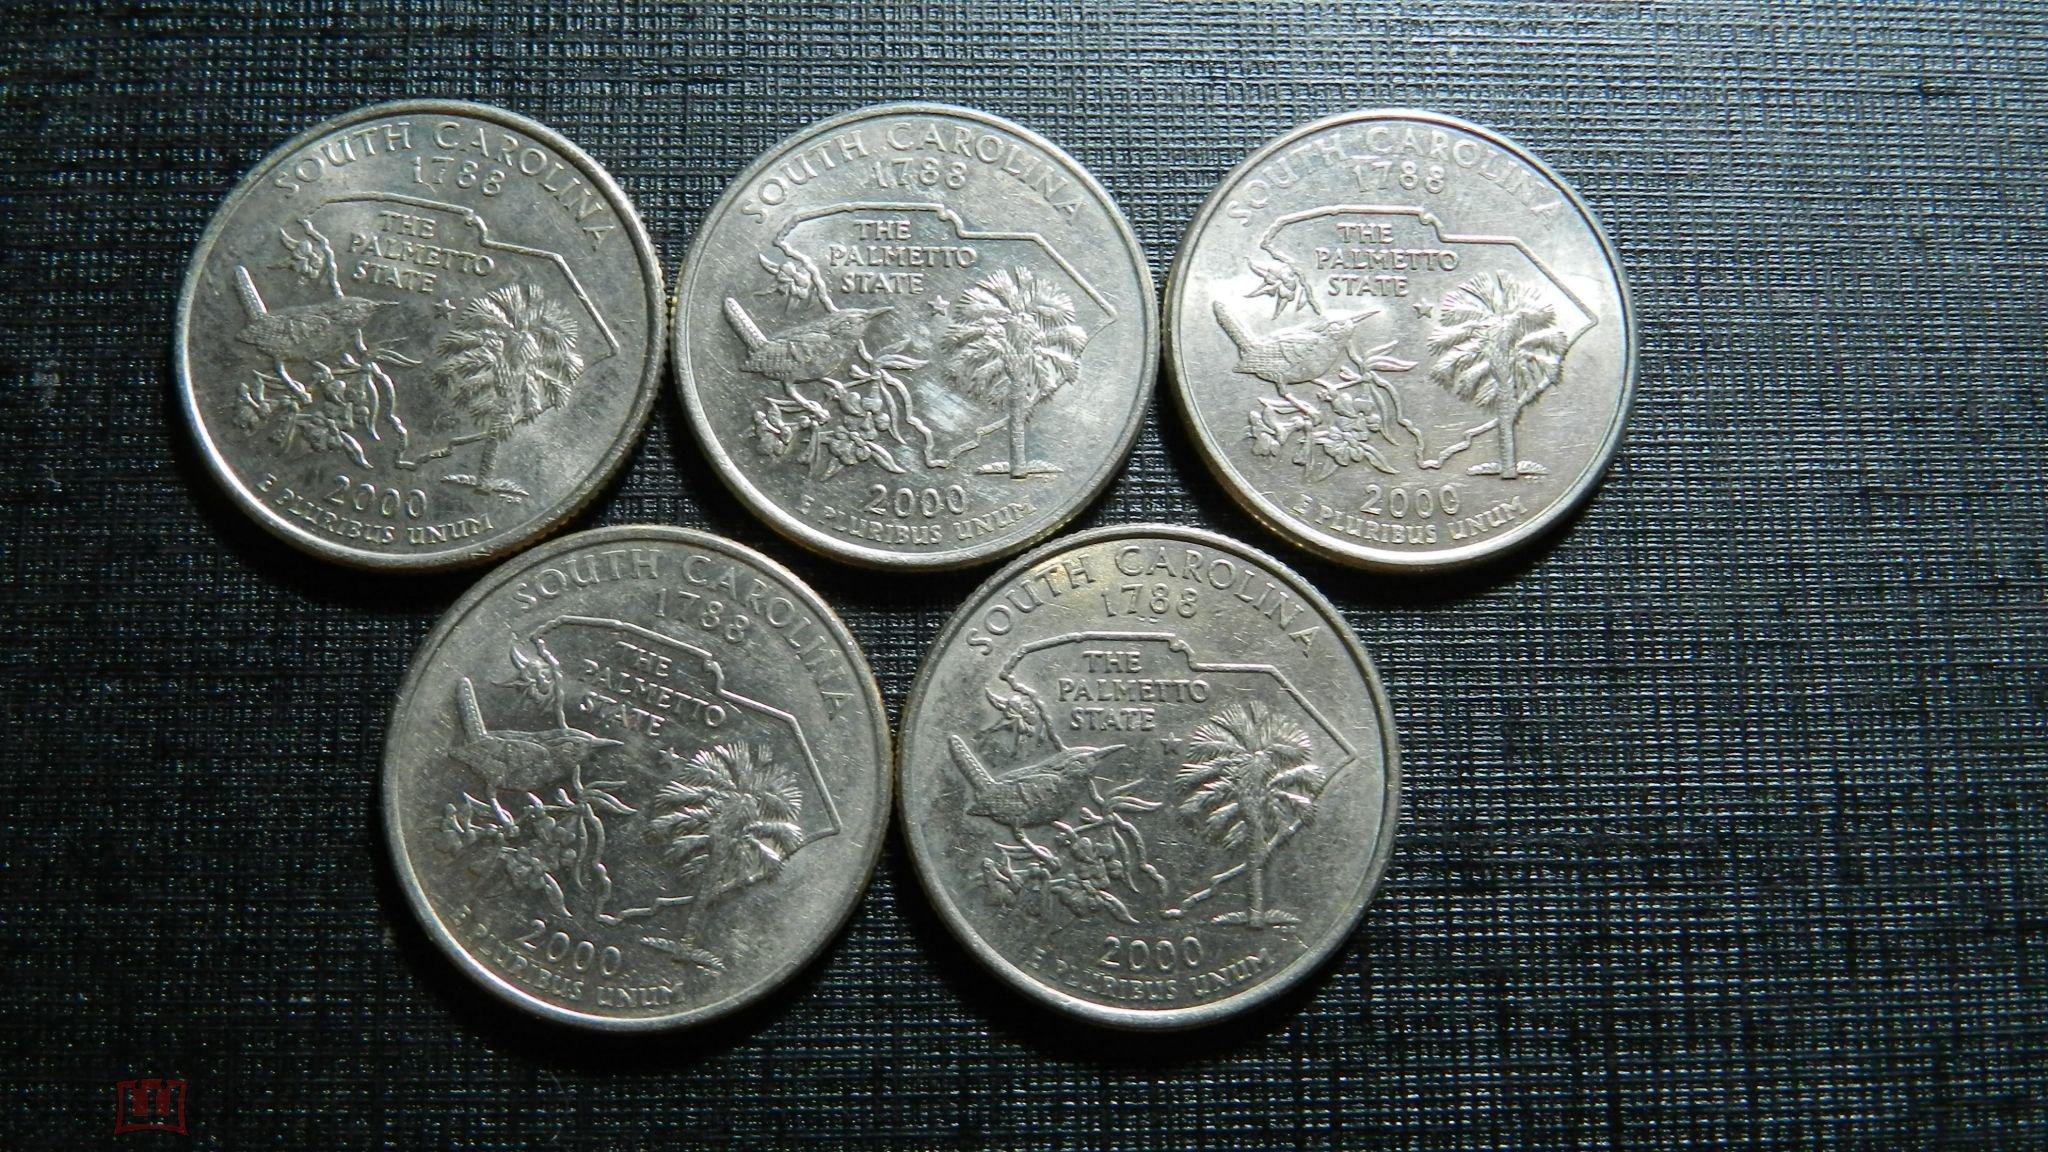 США , 25 центов 2000 г. Квотер . штат Южная Каролина.